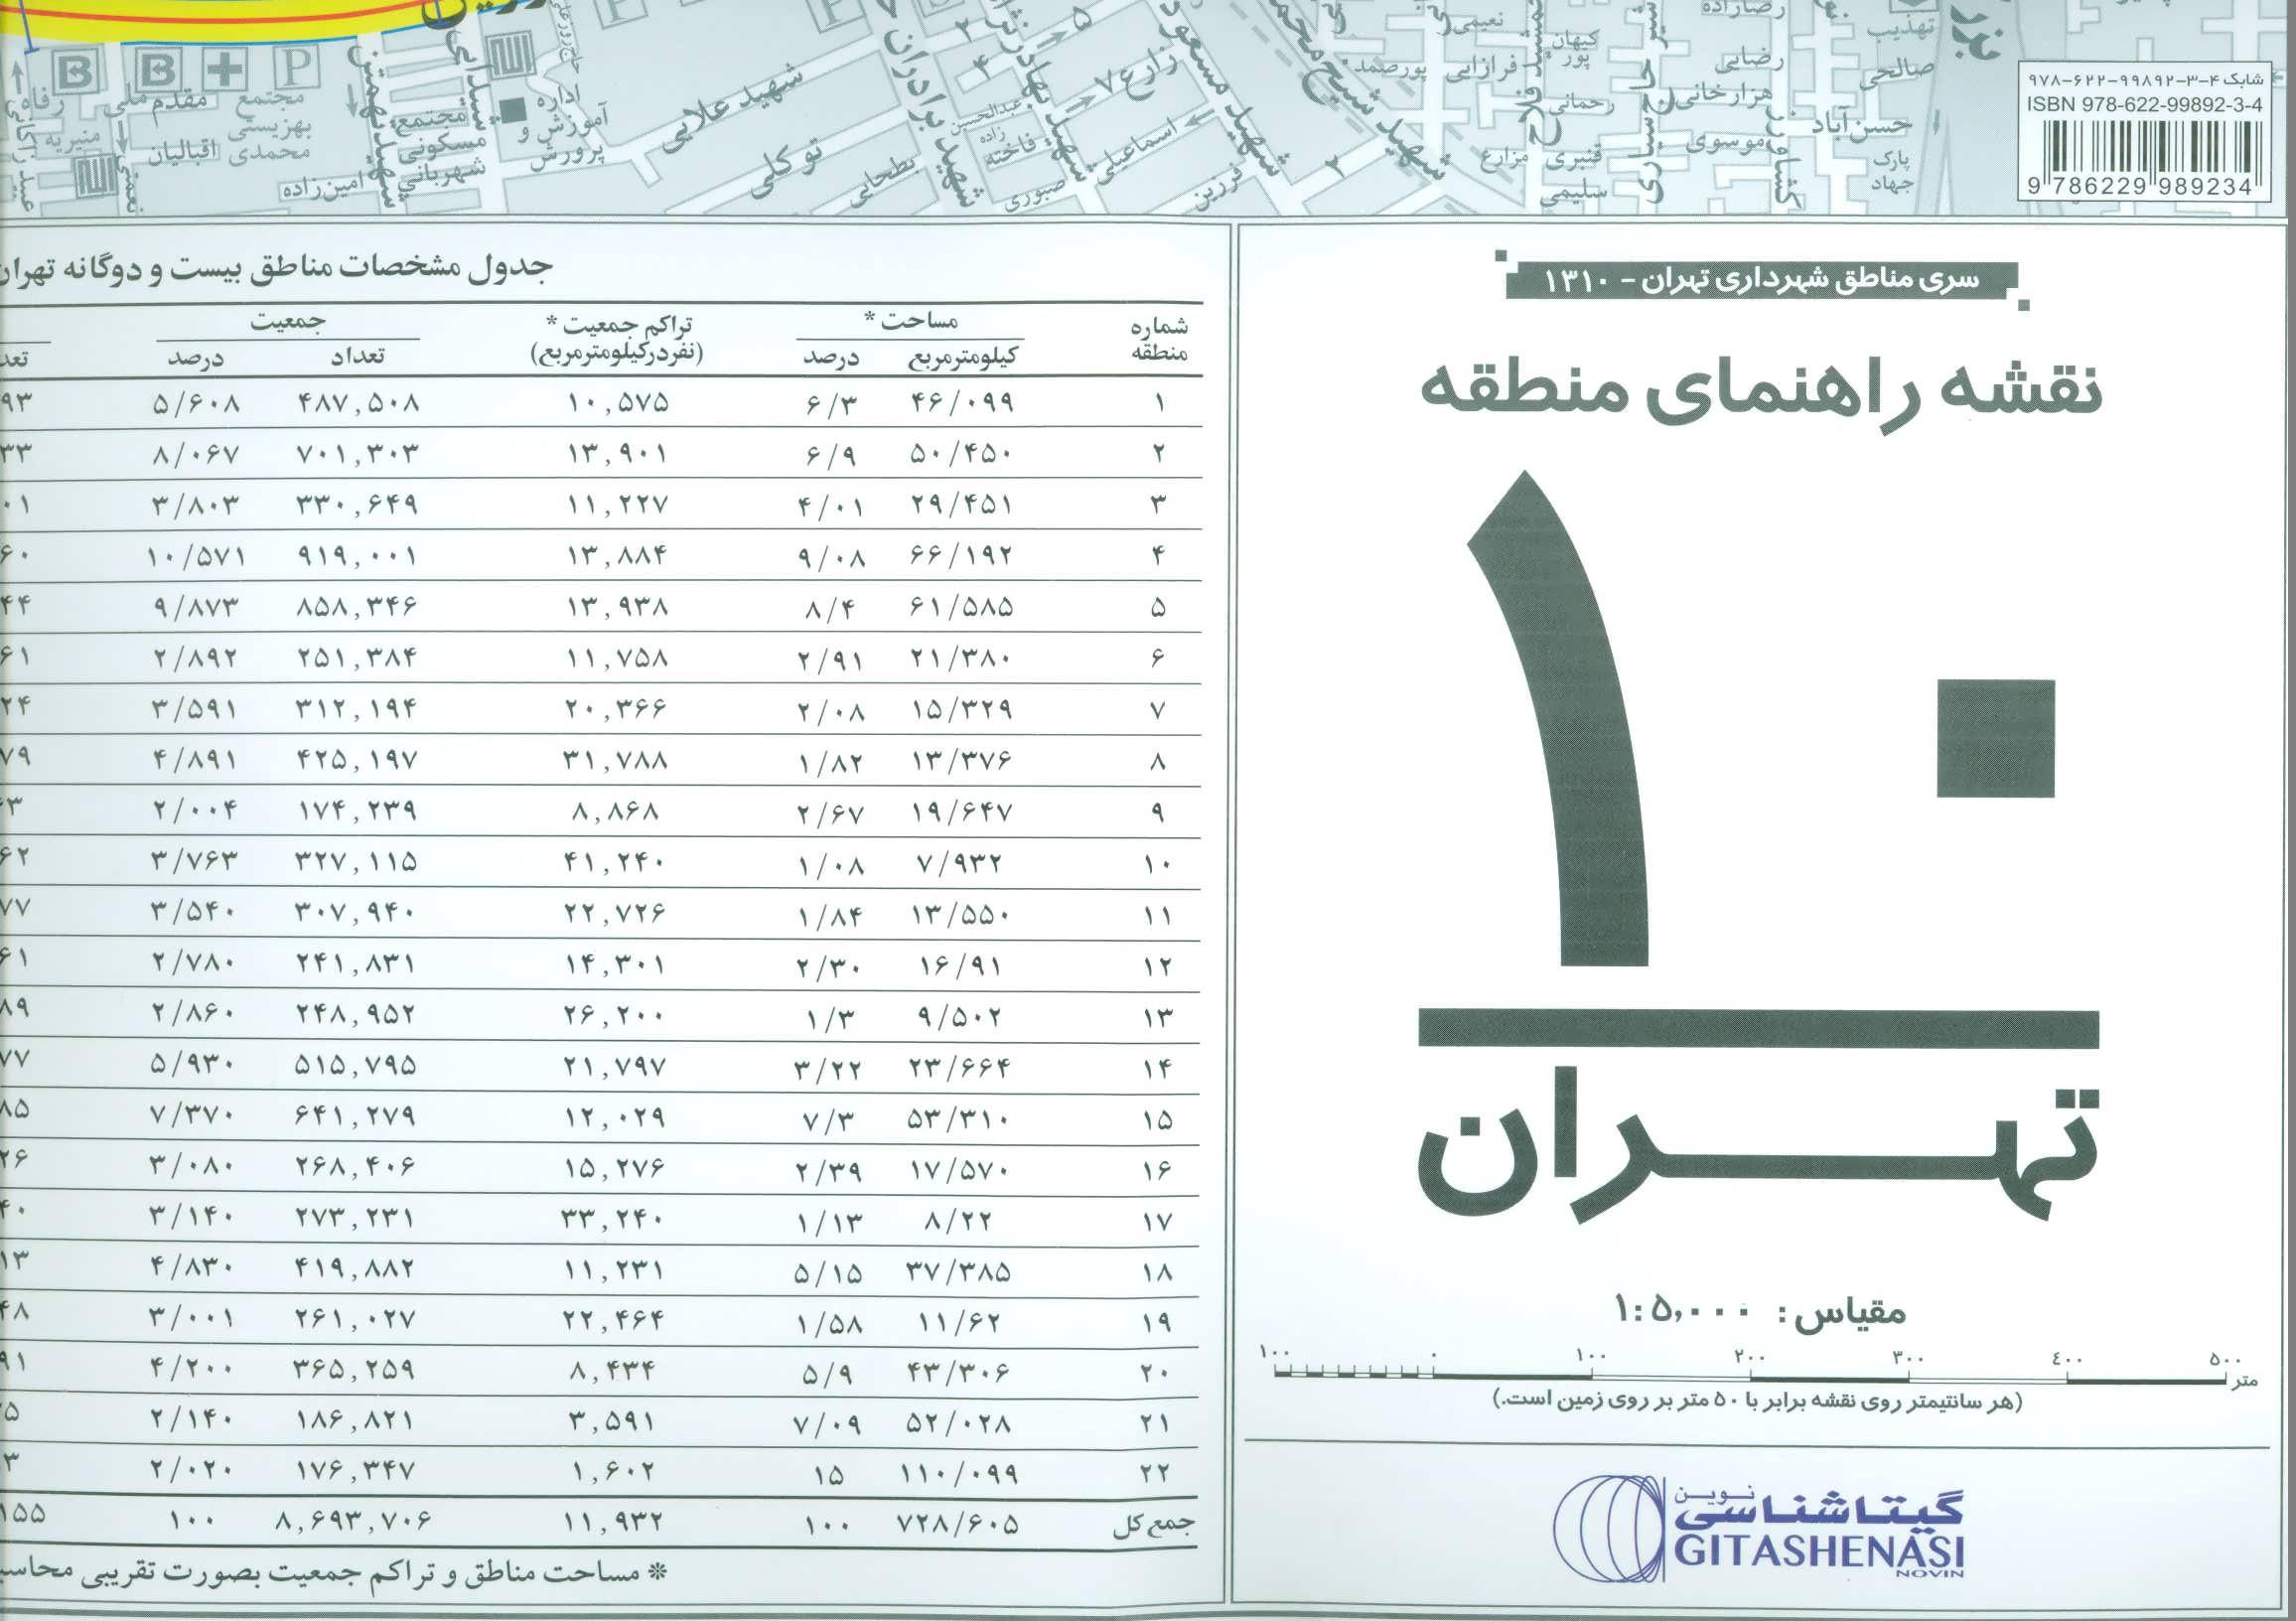 نقشه راهنماي منطقه 10 تهران كد 1310 (گلاسه)